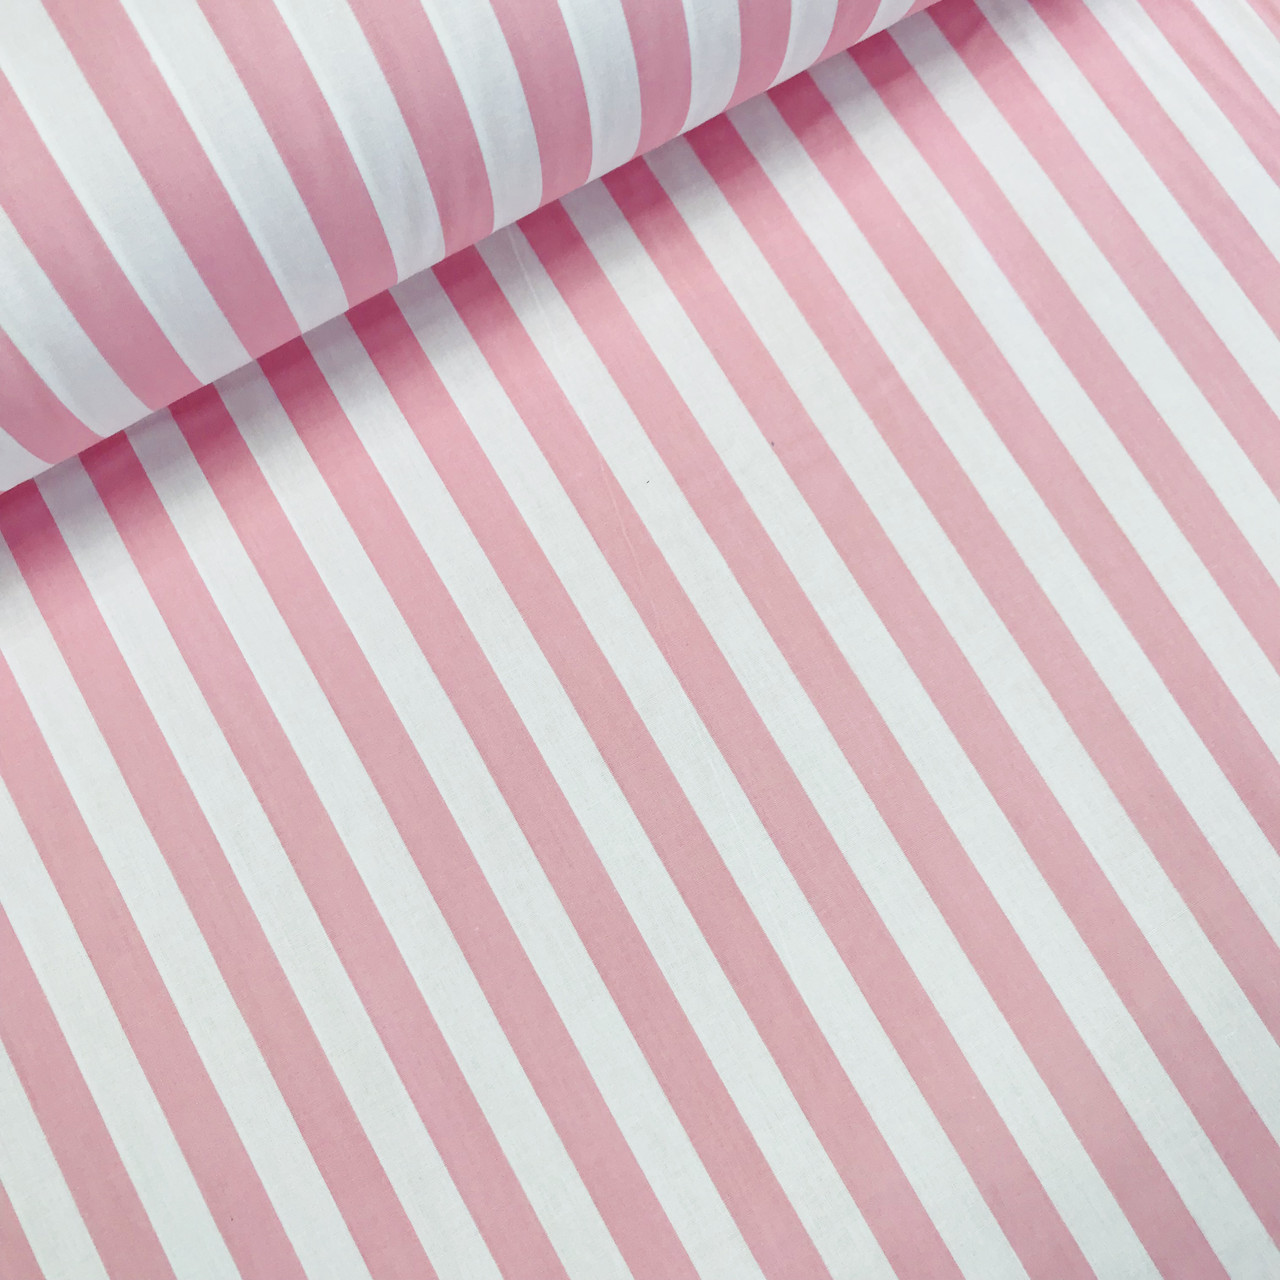 Хлопковая ткань (ТУРЦИЯ шир. 2,4 м) полоска розовая